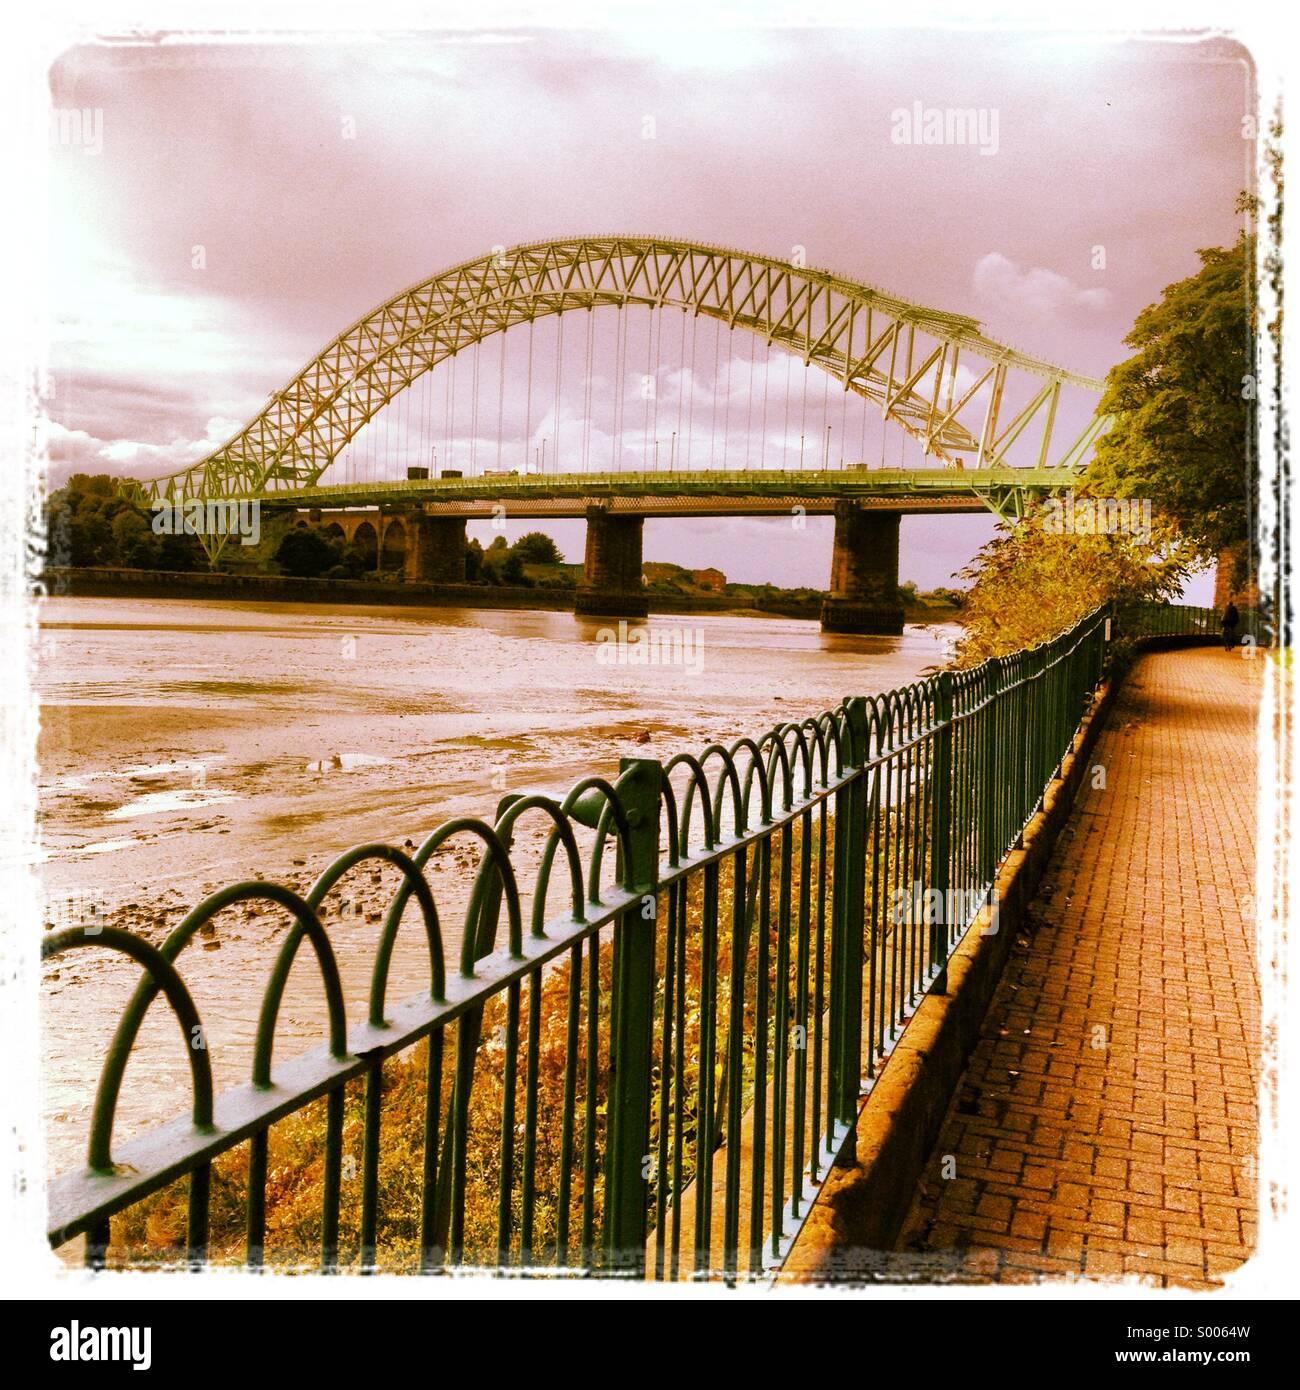 Runcorn Widnes Silver Jubilee road bridge - Stock Image